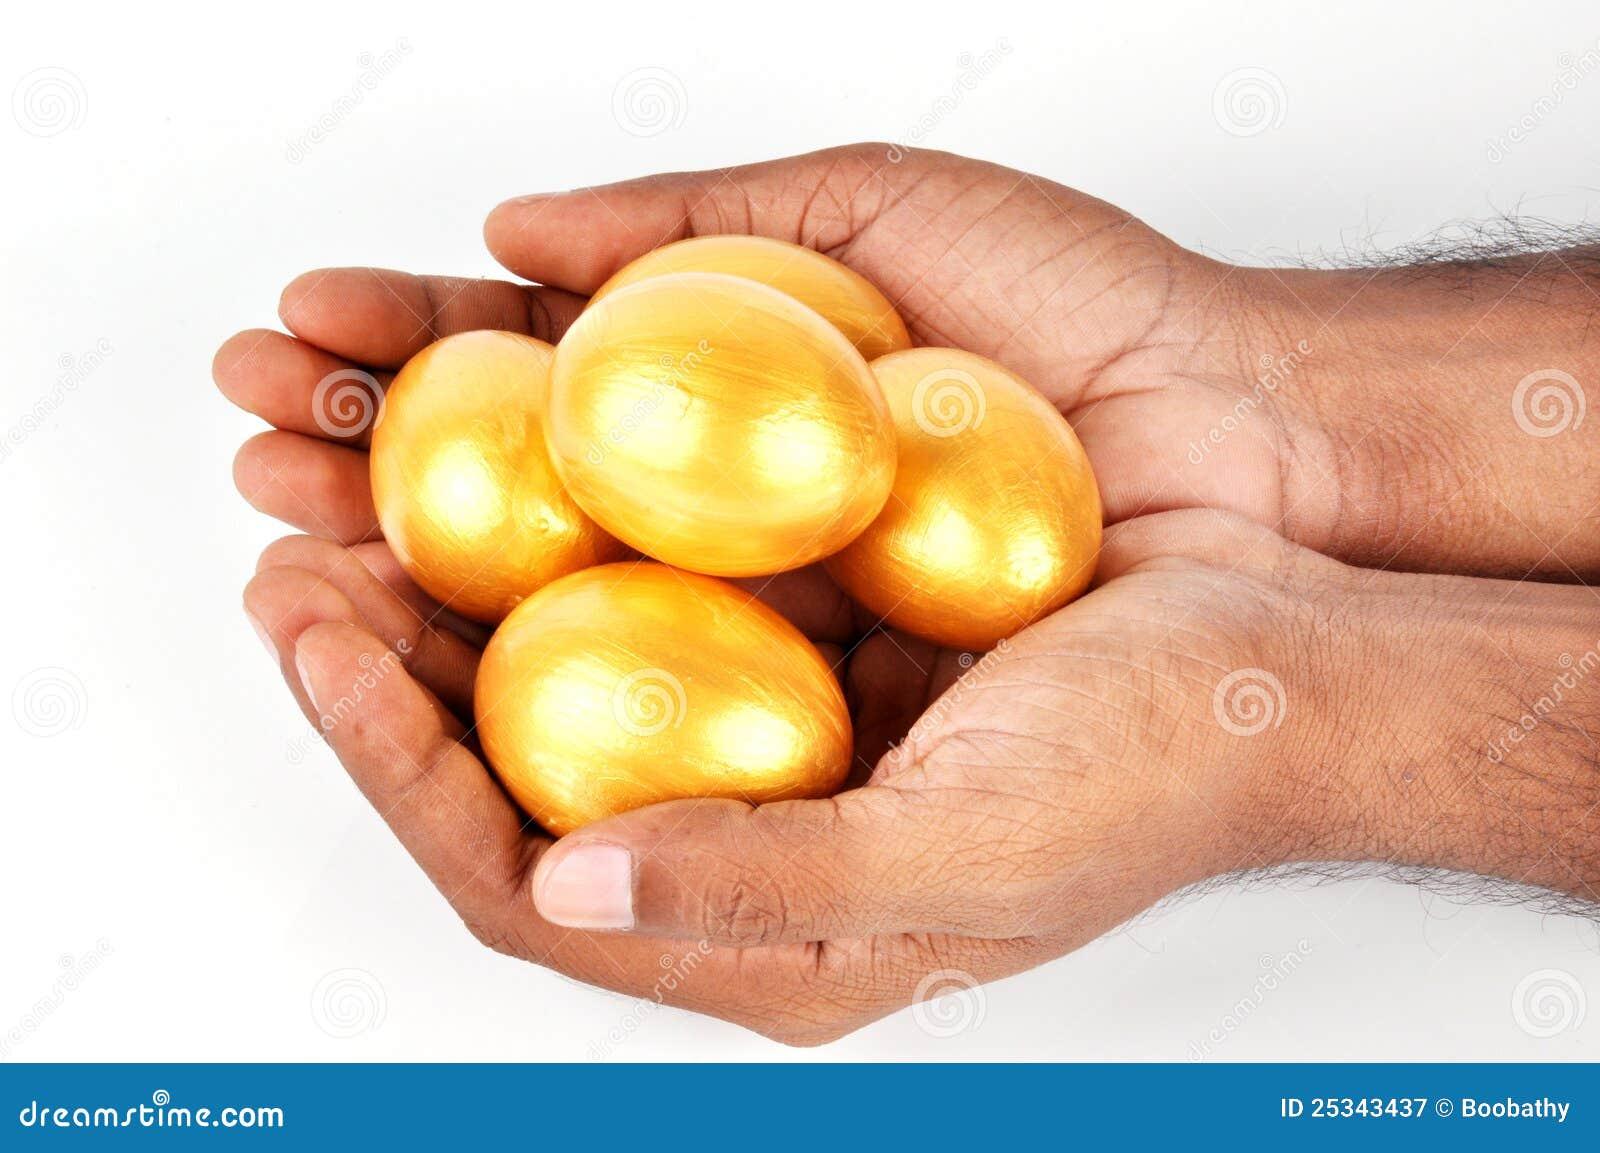 Яички в руке девушки, Русская красотка сжимает в руках мужские яйца и дает 22 фотография